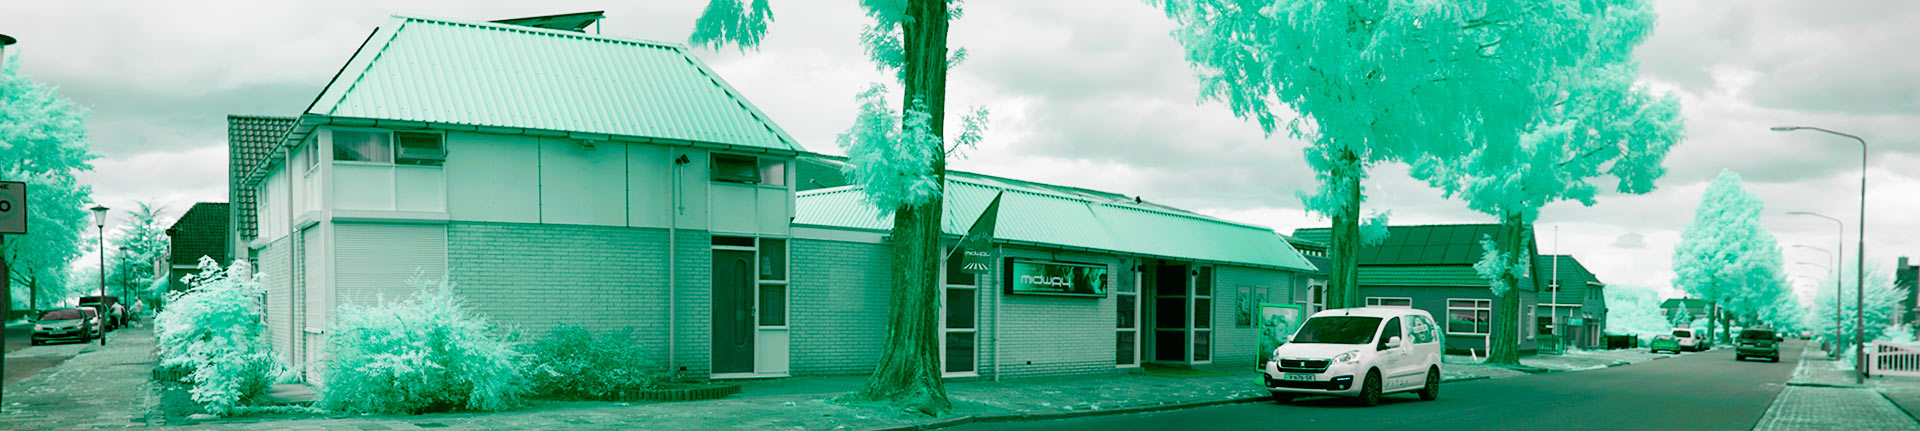 Contact - Midway Store Veendam